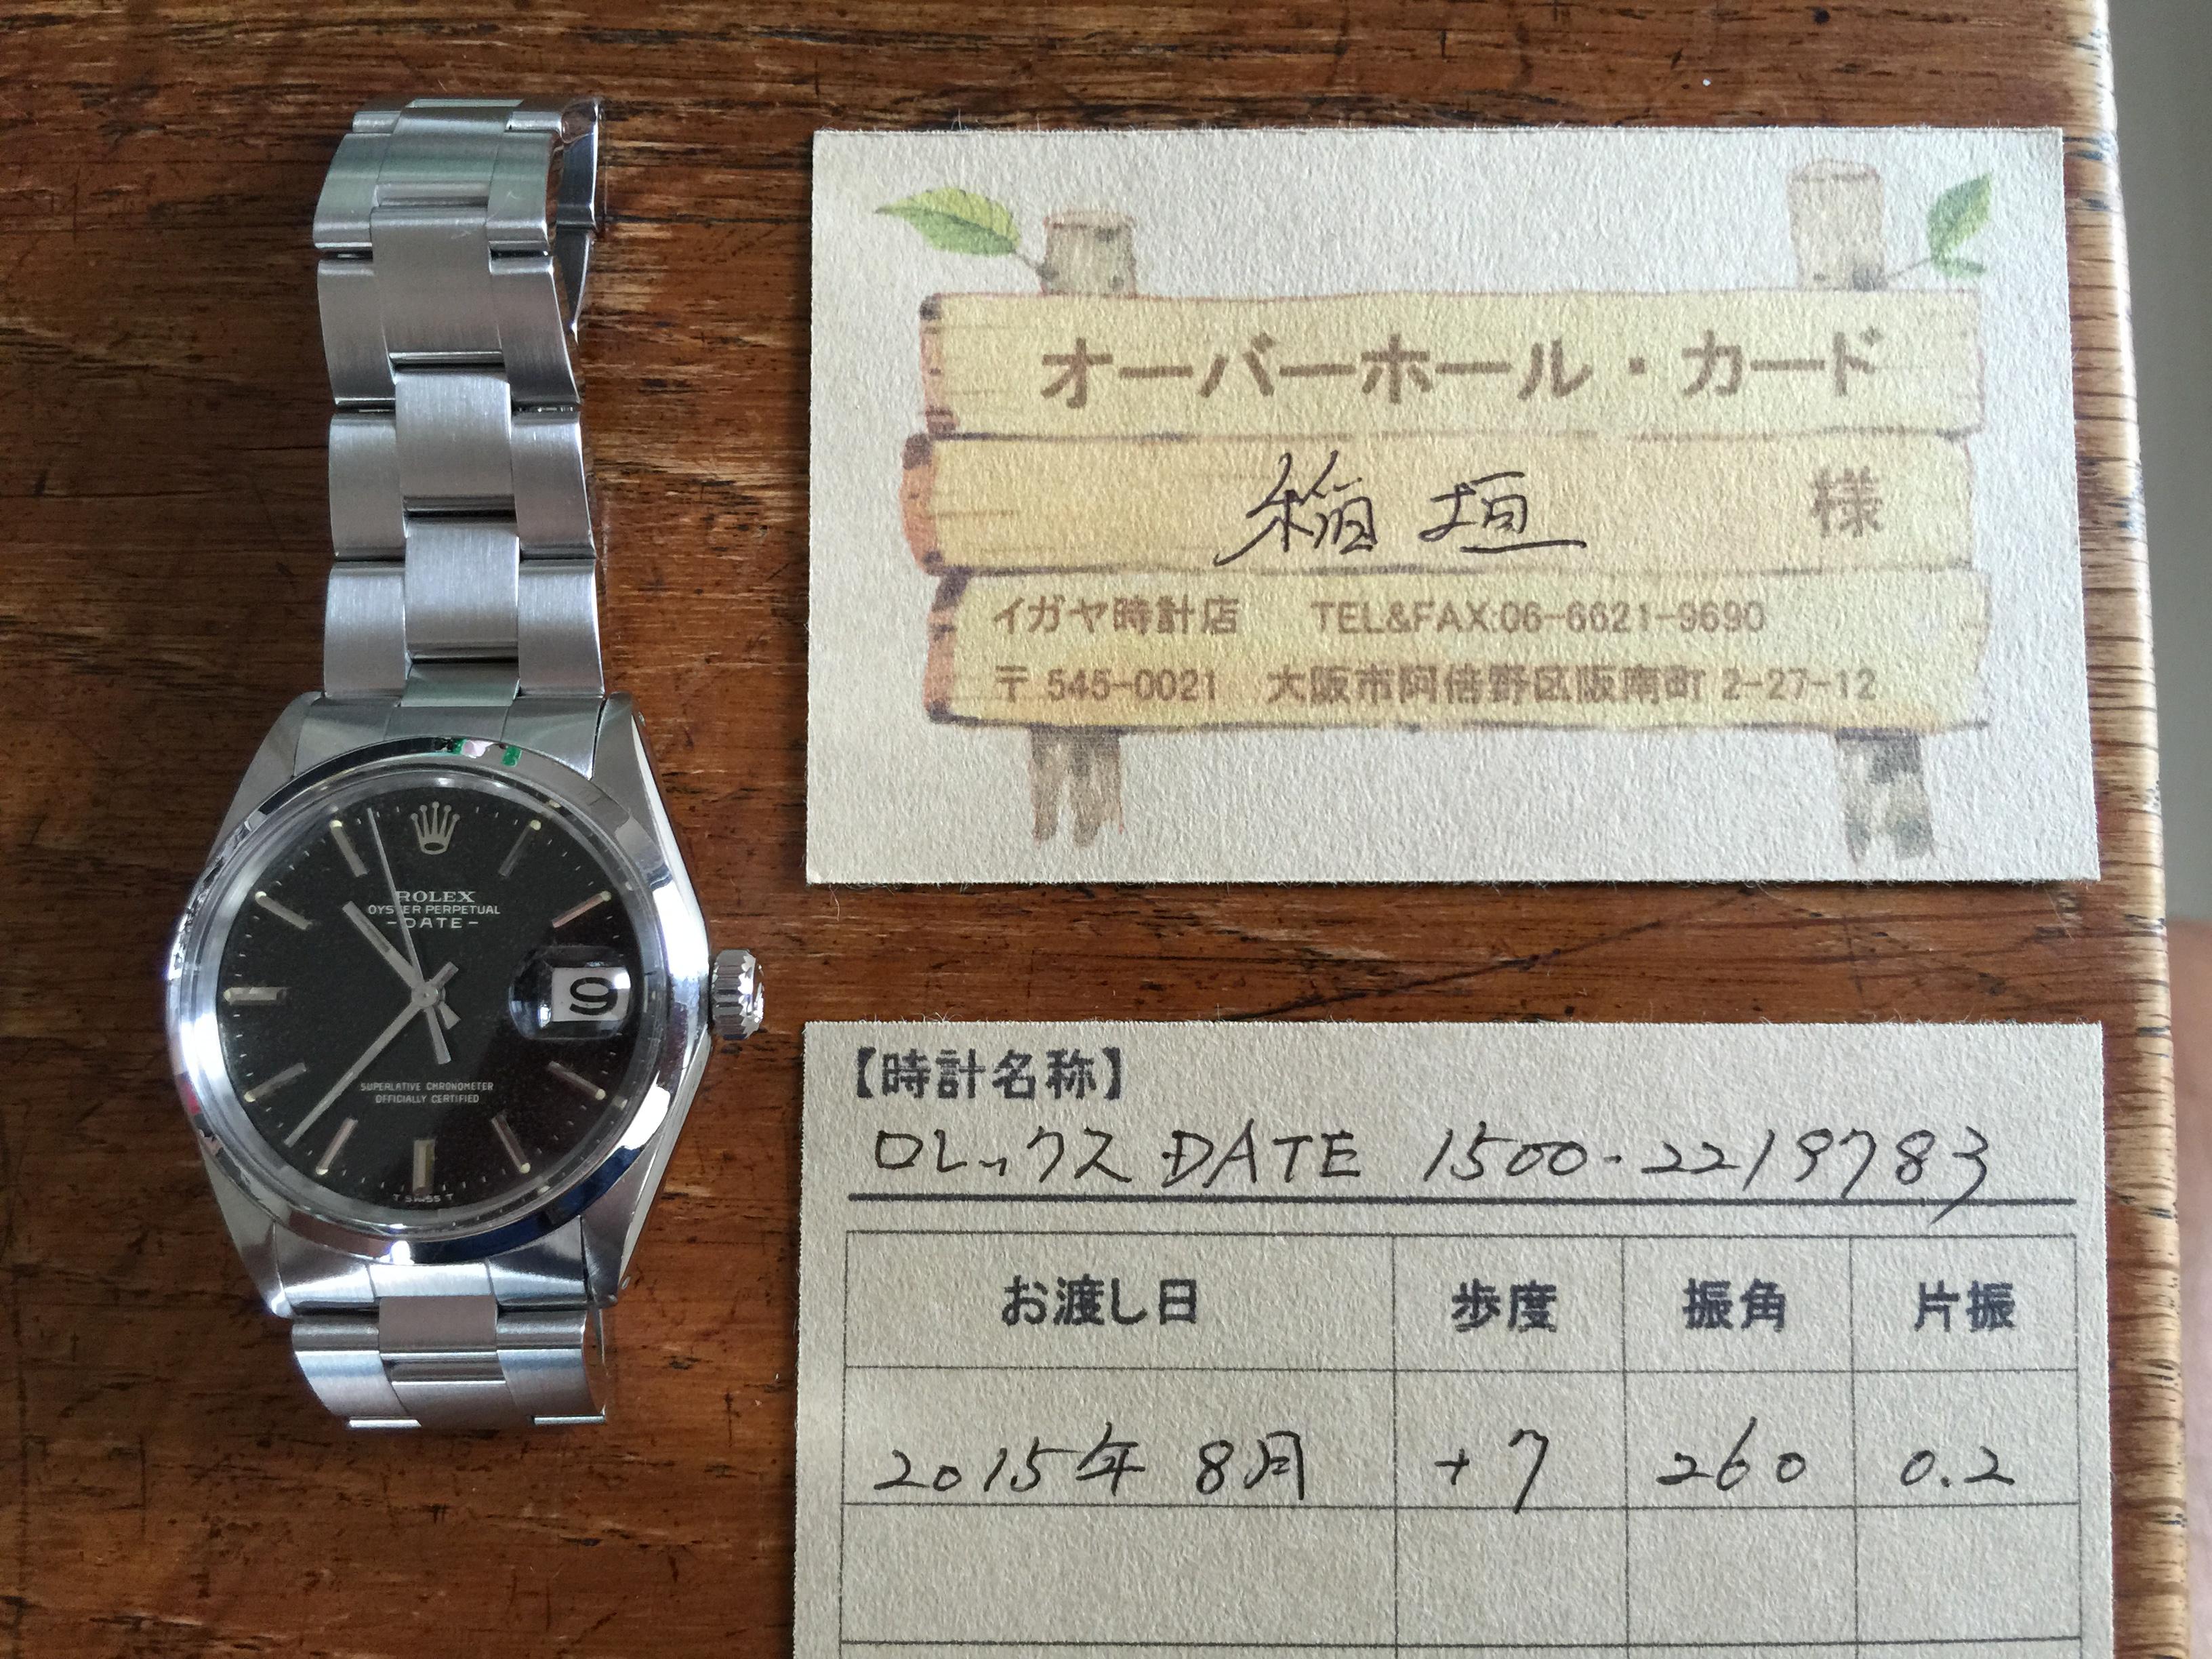 直してもらた親父の形見 40年くらい前の腕時計